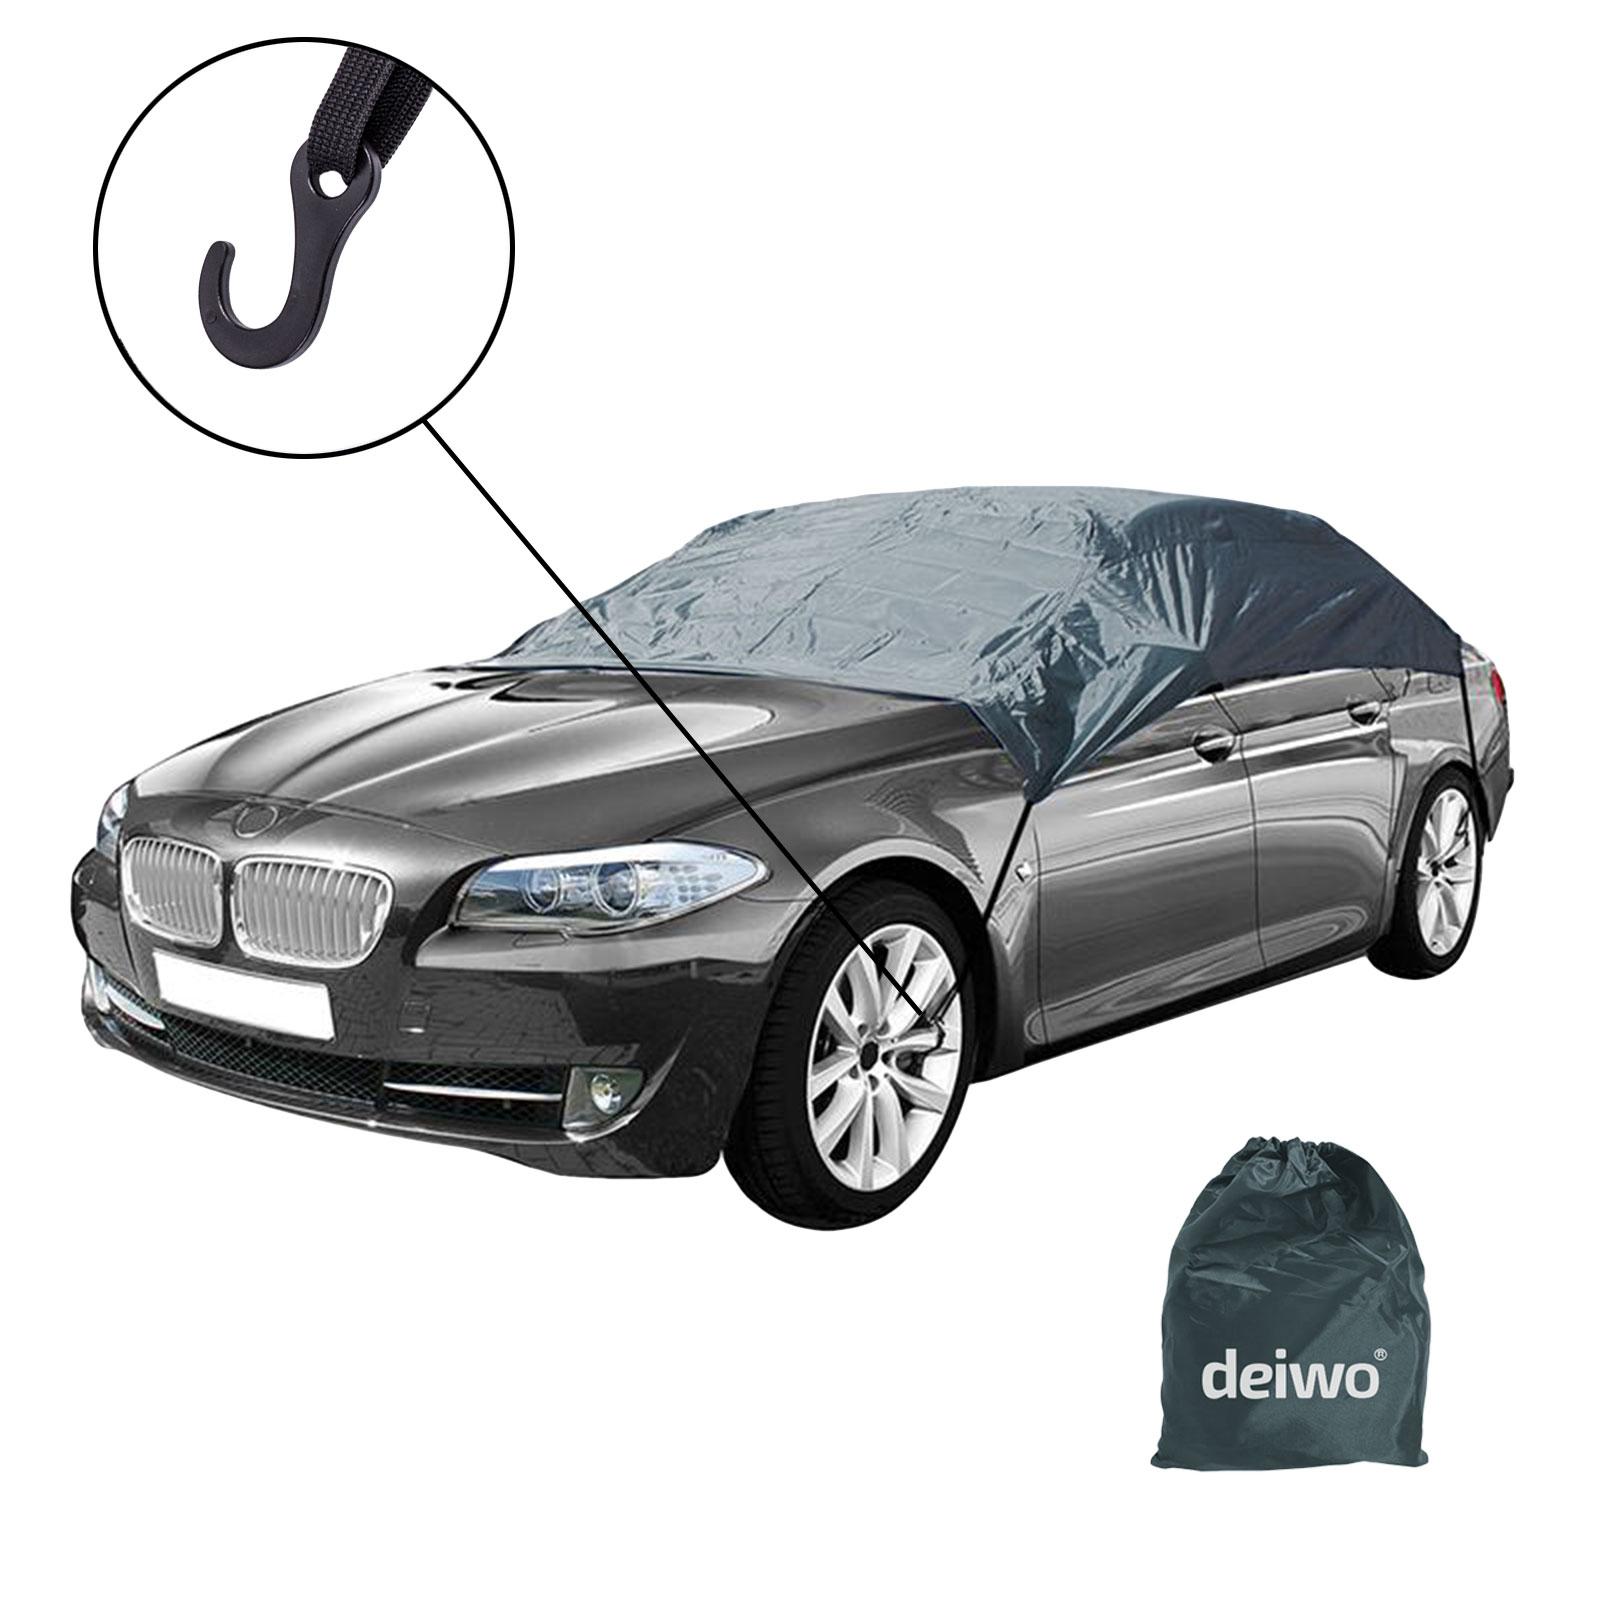 deiwo® Halbgarage in Größe XS, M, L , XL Nylongewebe, Transporttasche